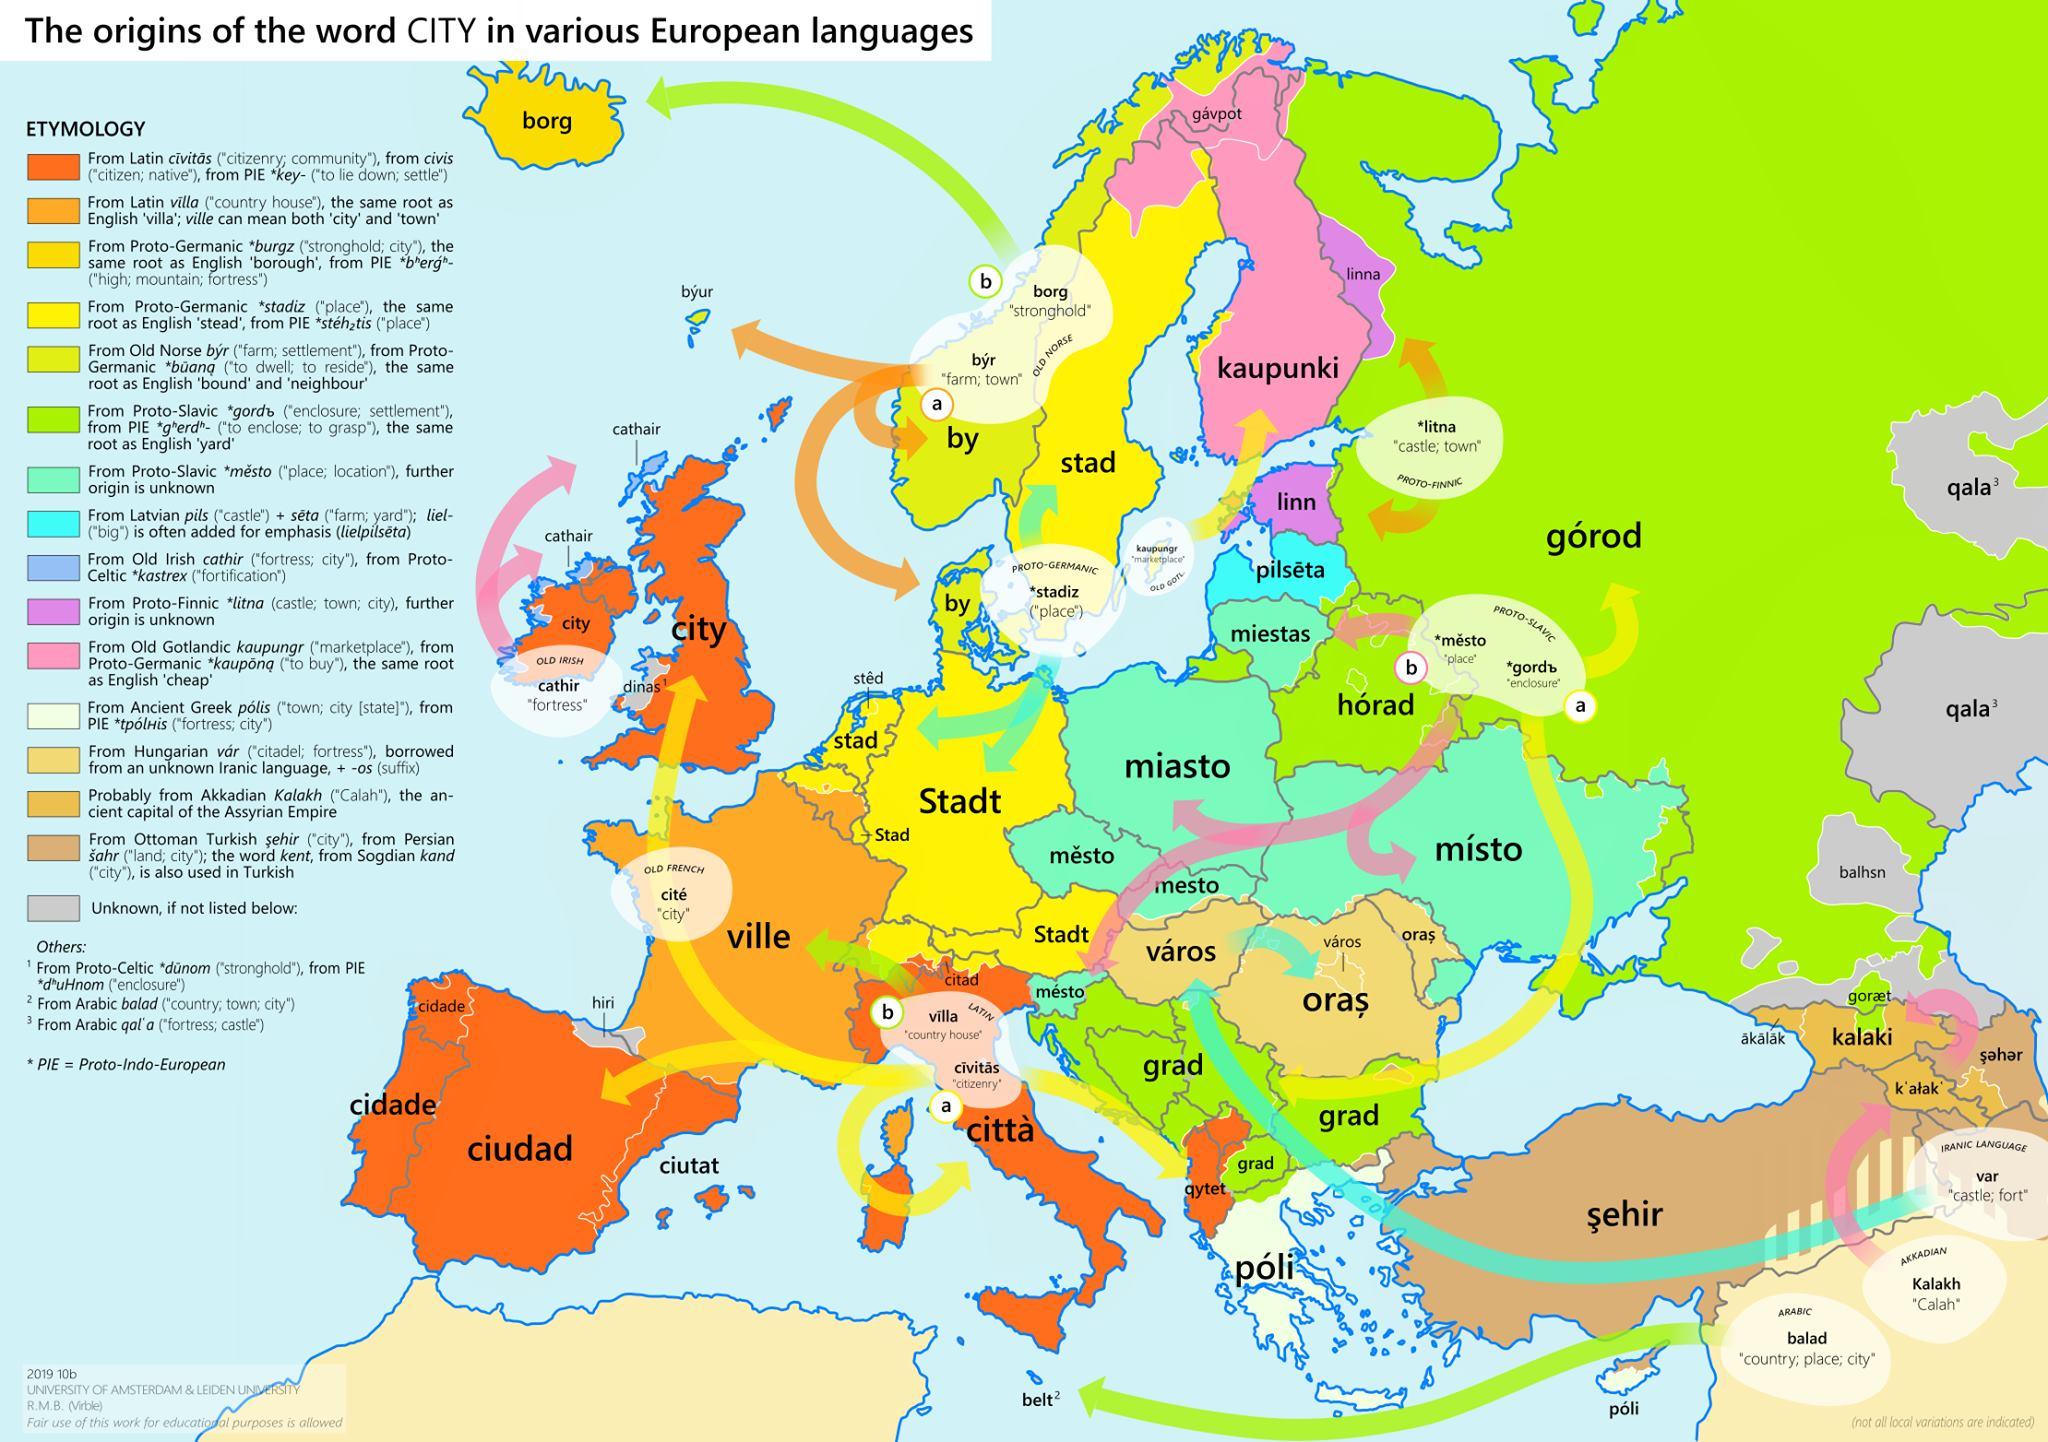 """L'origine du mot """"ville"""" dans plusieurs langues européennes"""